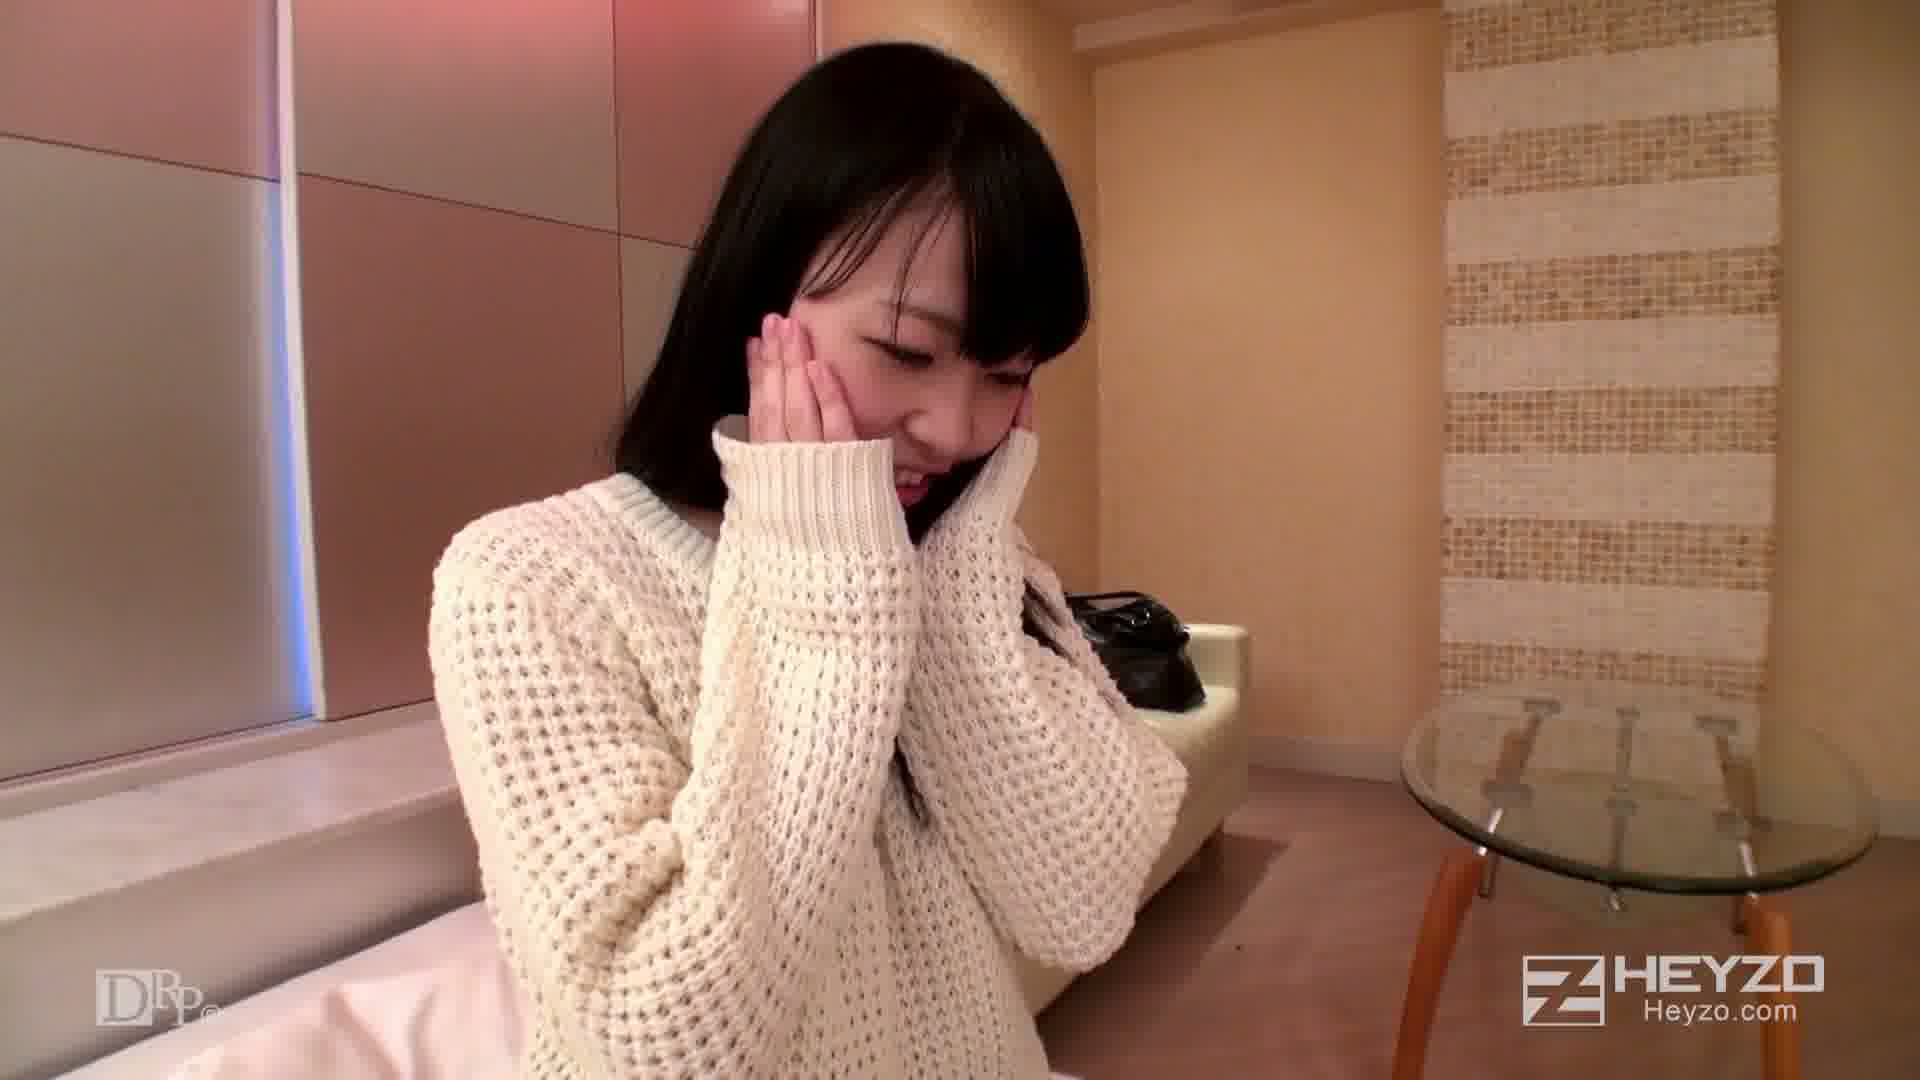 ワケあり素人~私のプライベートビデオ撮影して下さい~ - 綾瀬ゆい【ホテル 指マン オナニー フェラ イラマチオ】